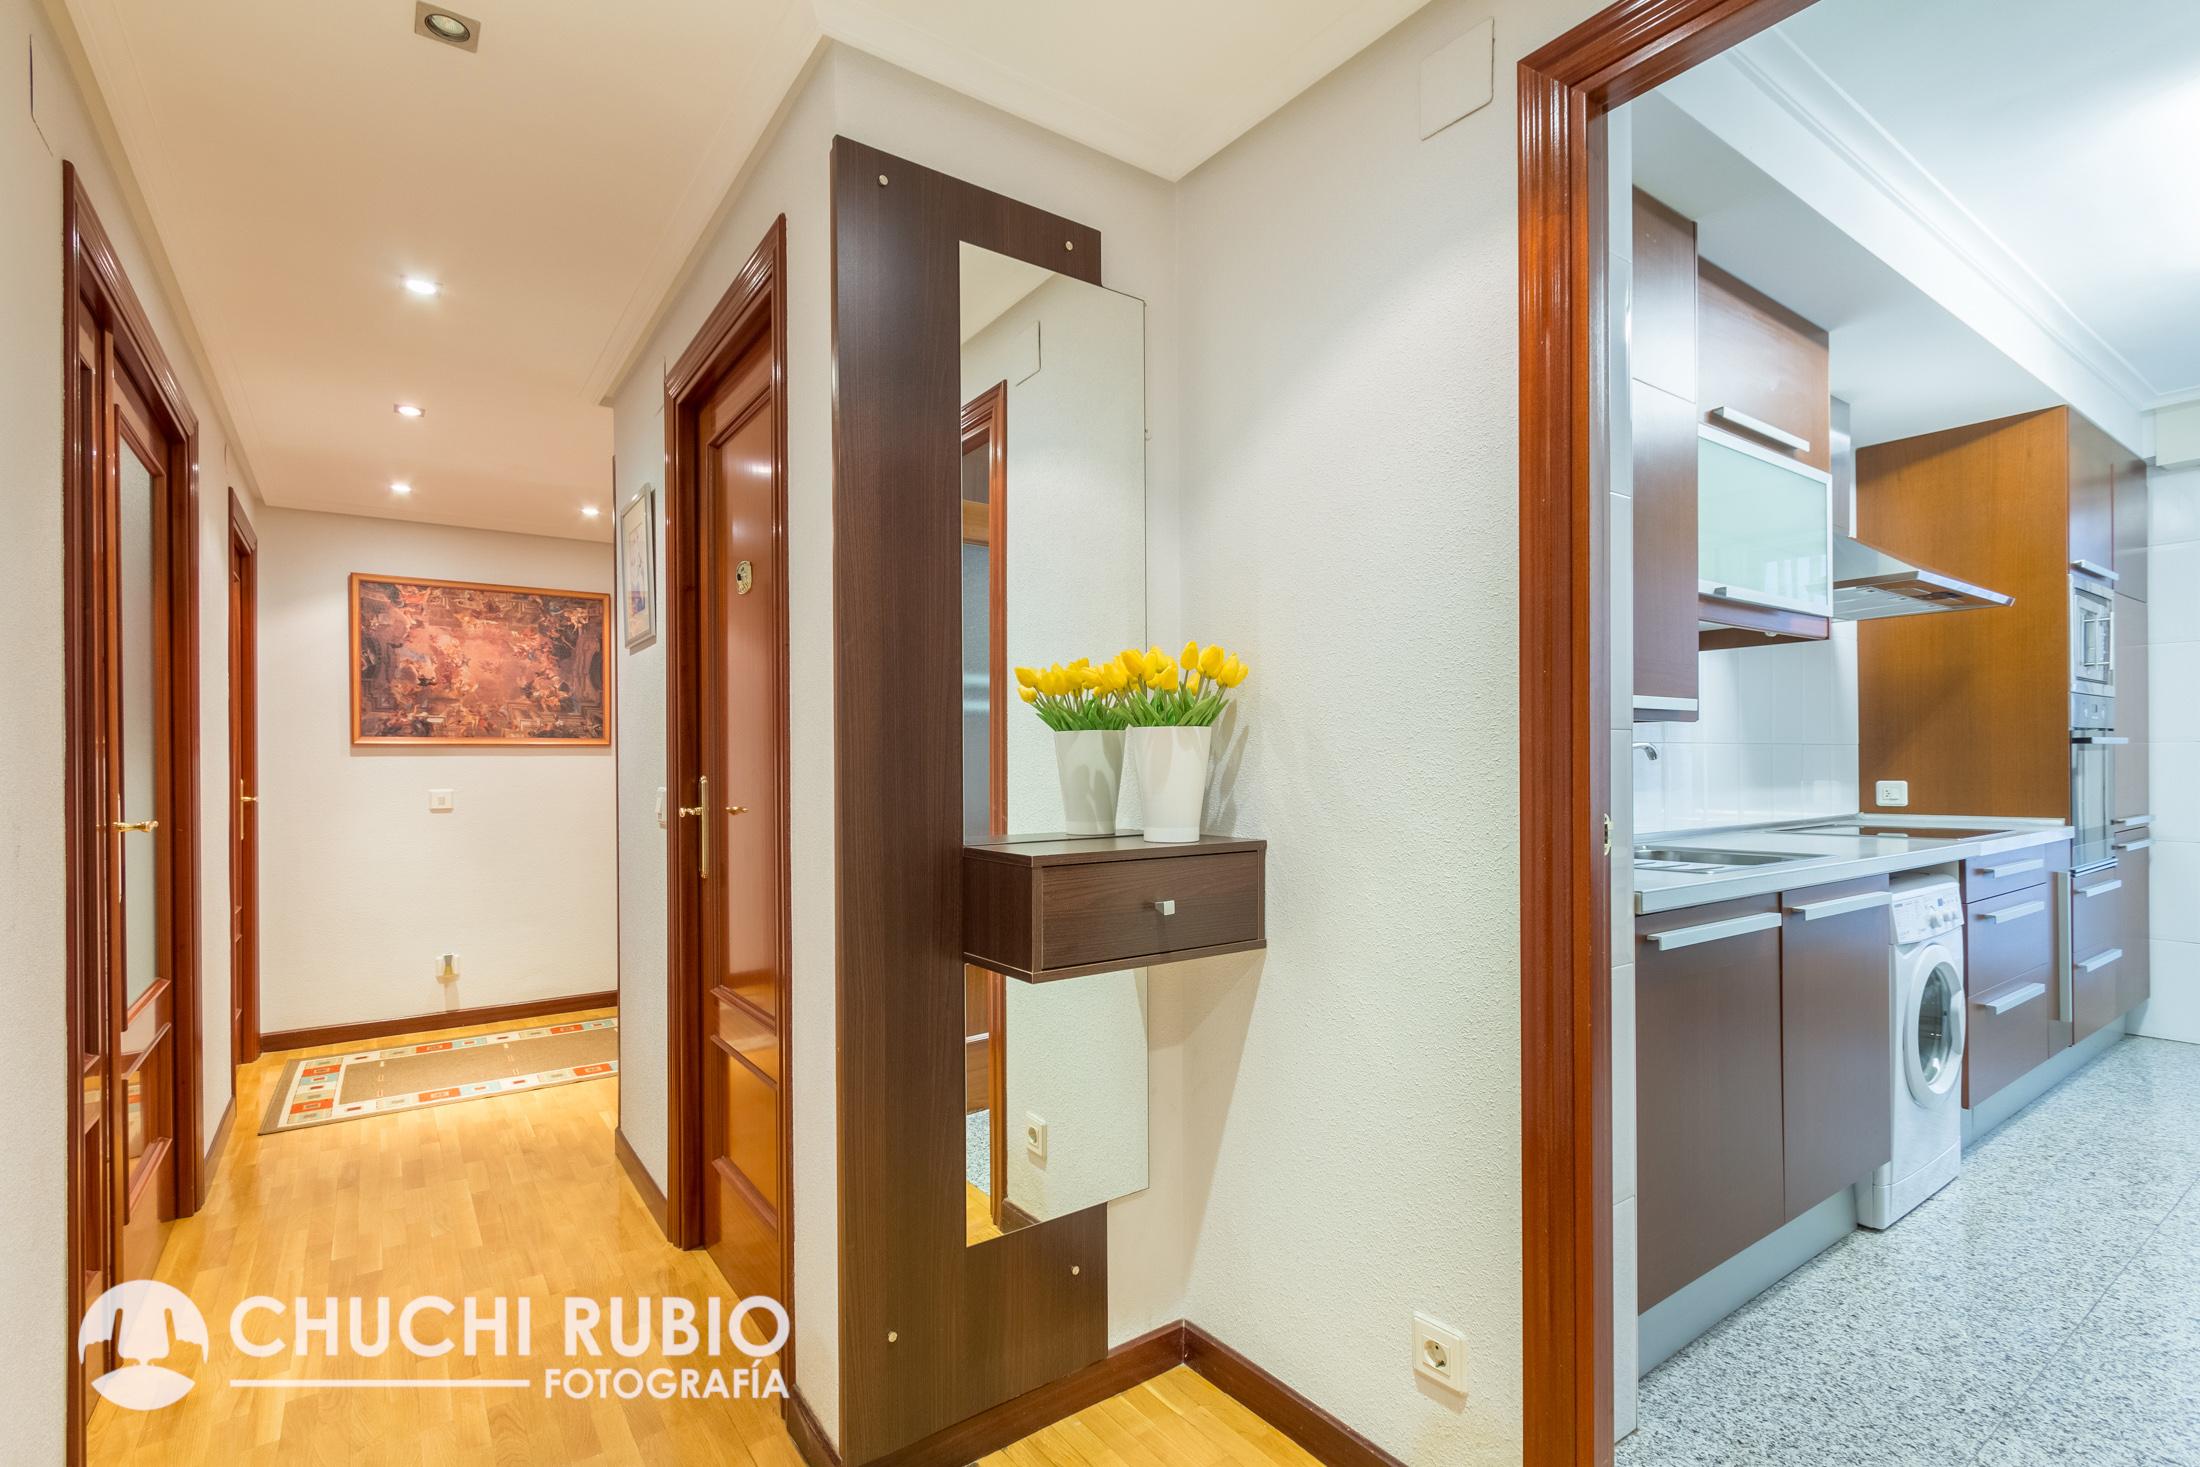 IMG 1037 HDR - Fotografía para Inmobiliarias, venta de pisos, locales...